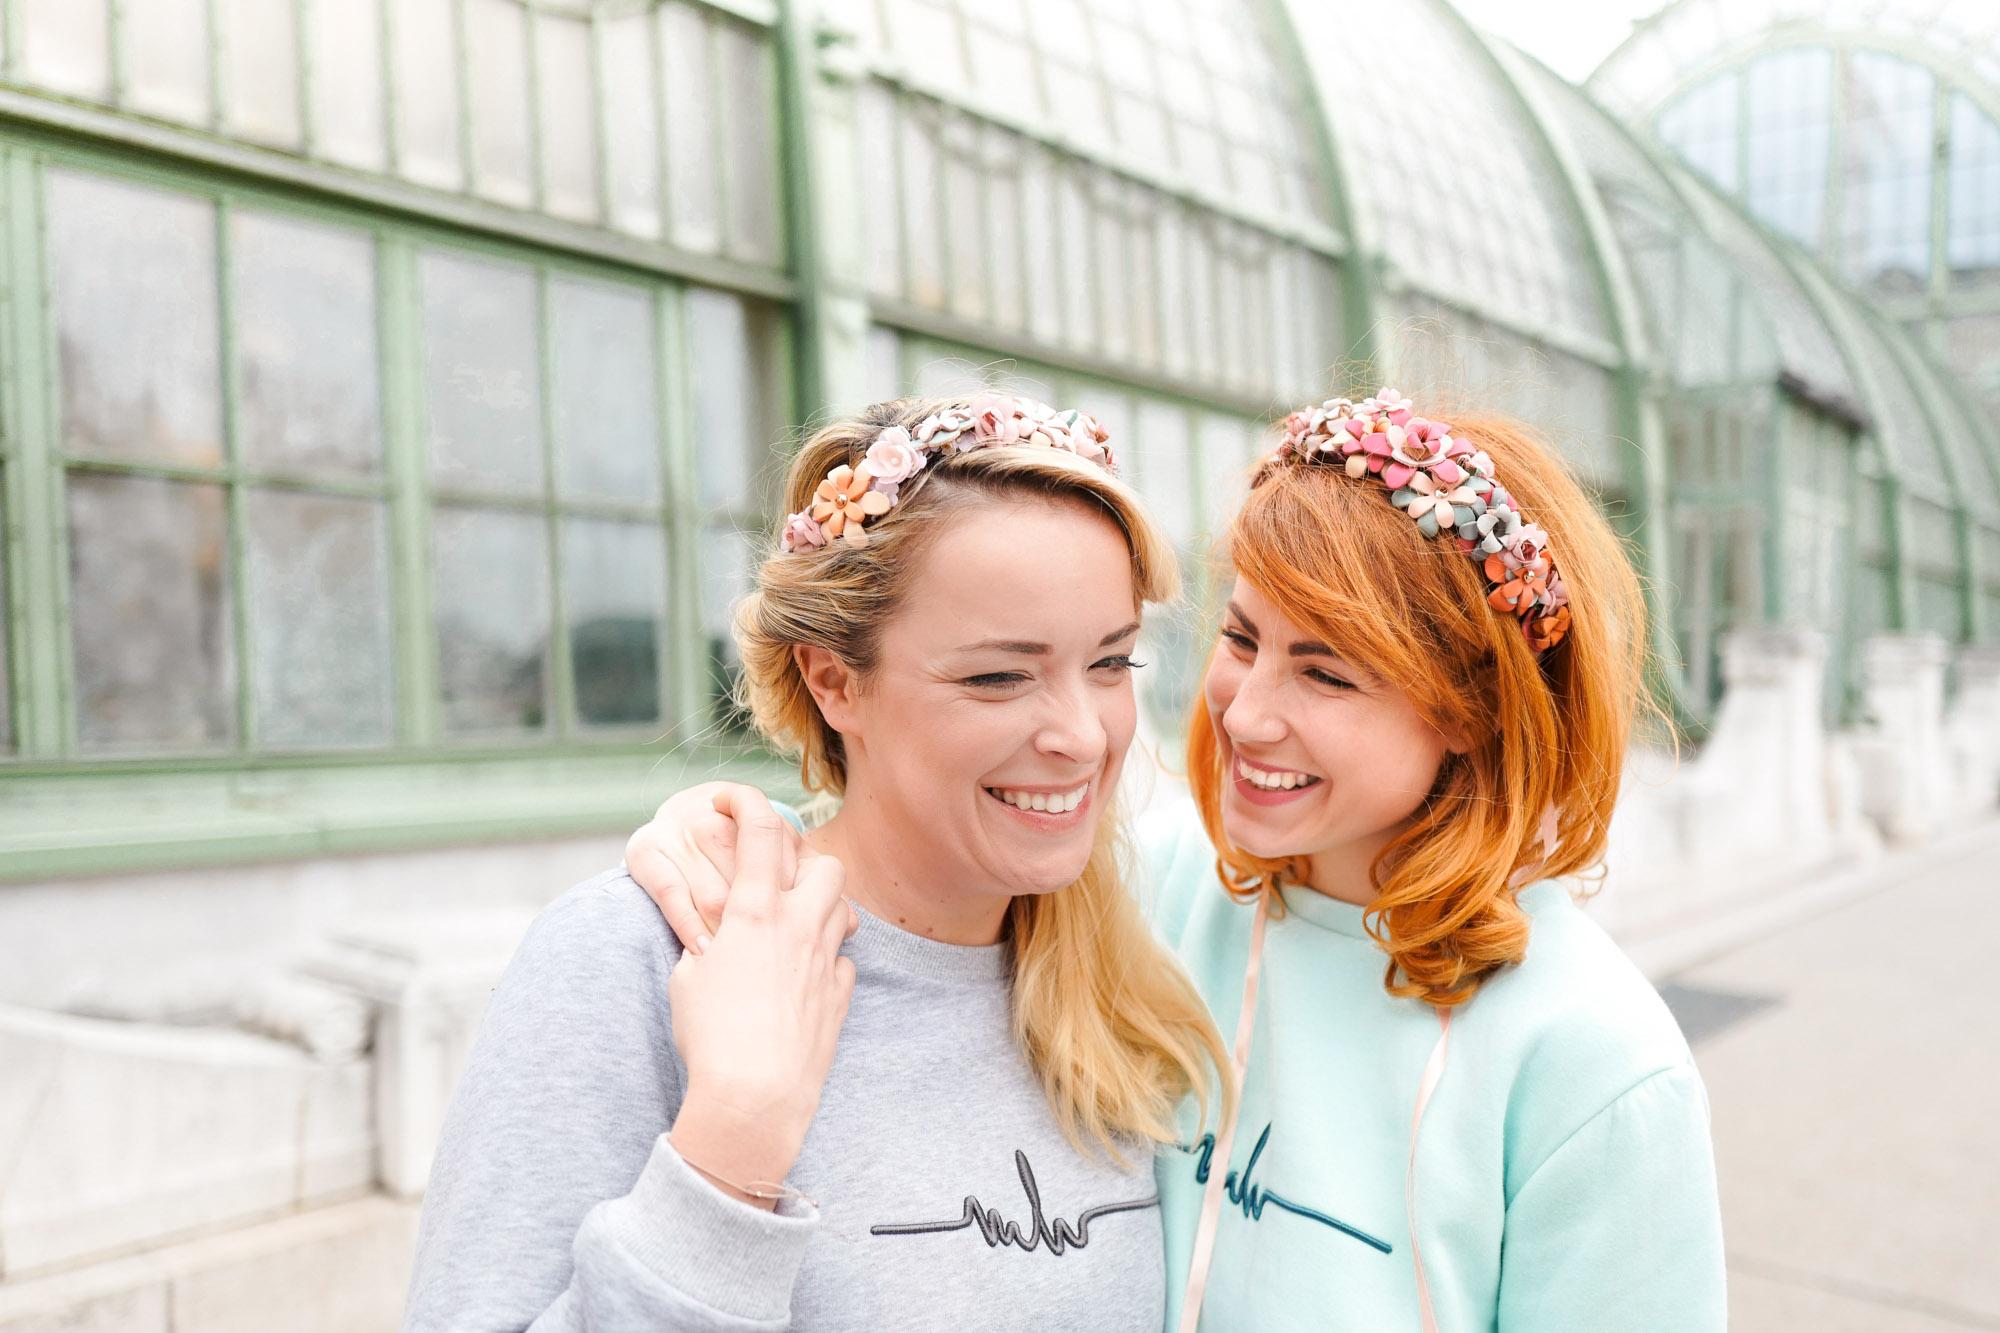 Designerin Marina Hoermanseder hat uns in Wien besucht und mit WE ARE FLOWERIRLS flowerpower versprüht!